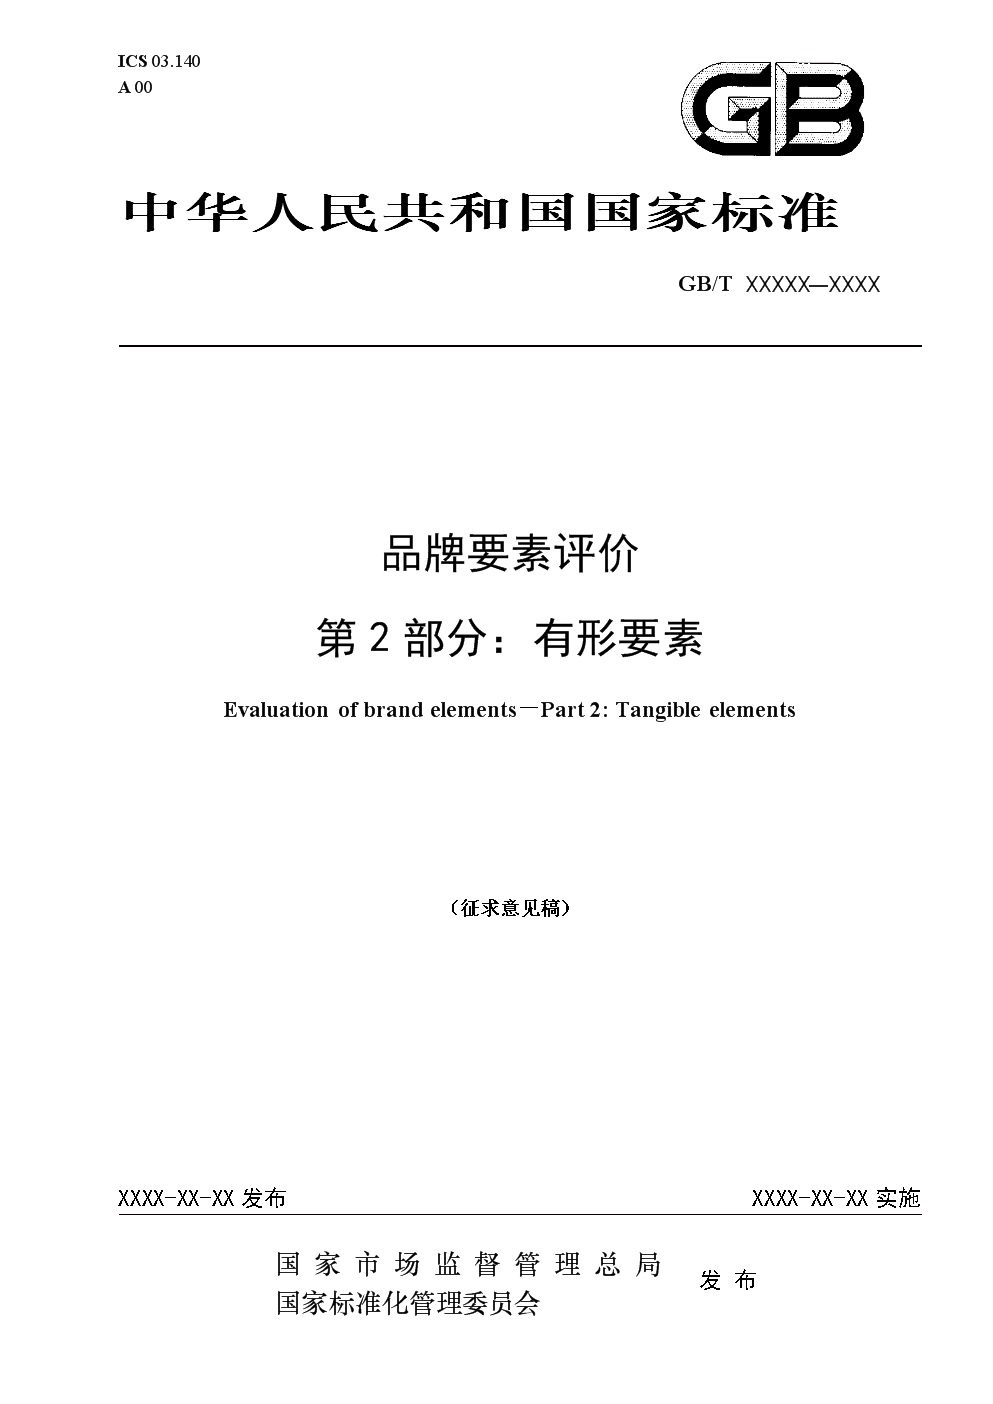 品牌要素评价 第2部分:有形要素.docx